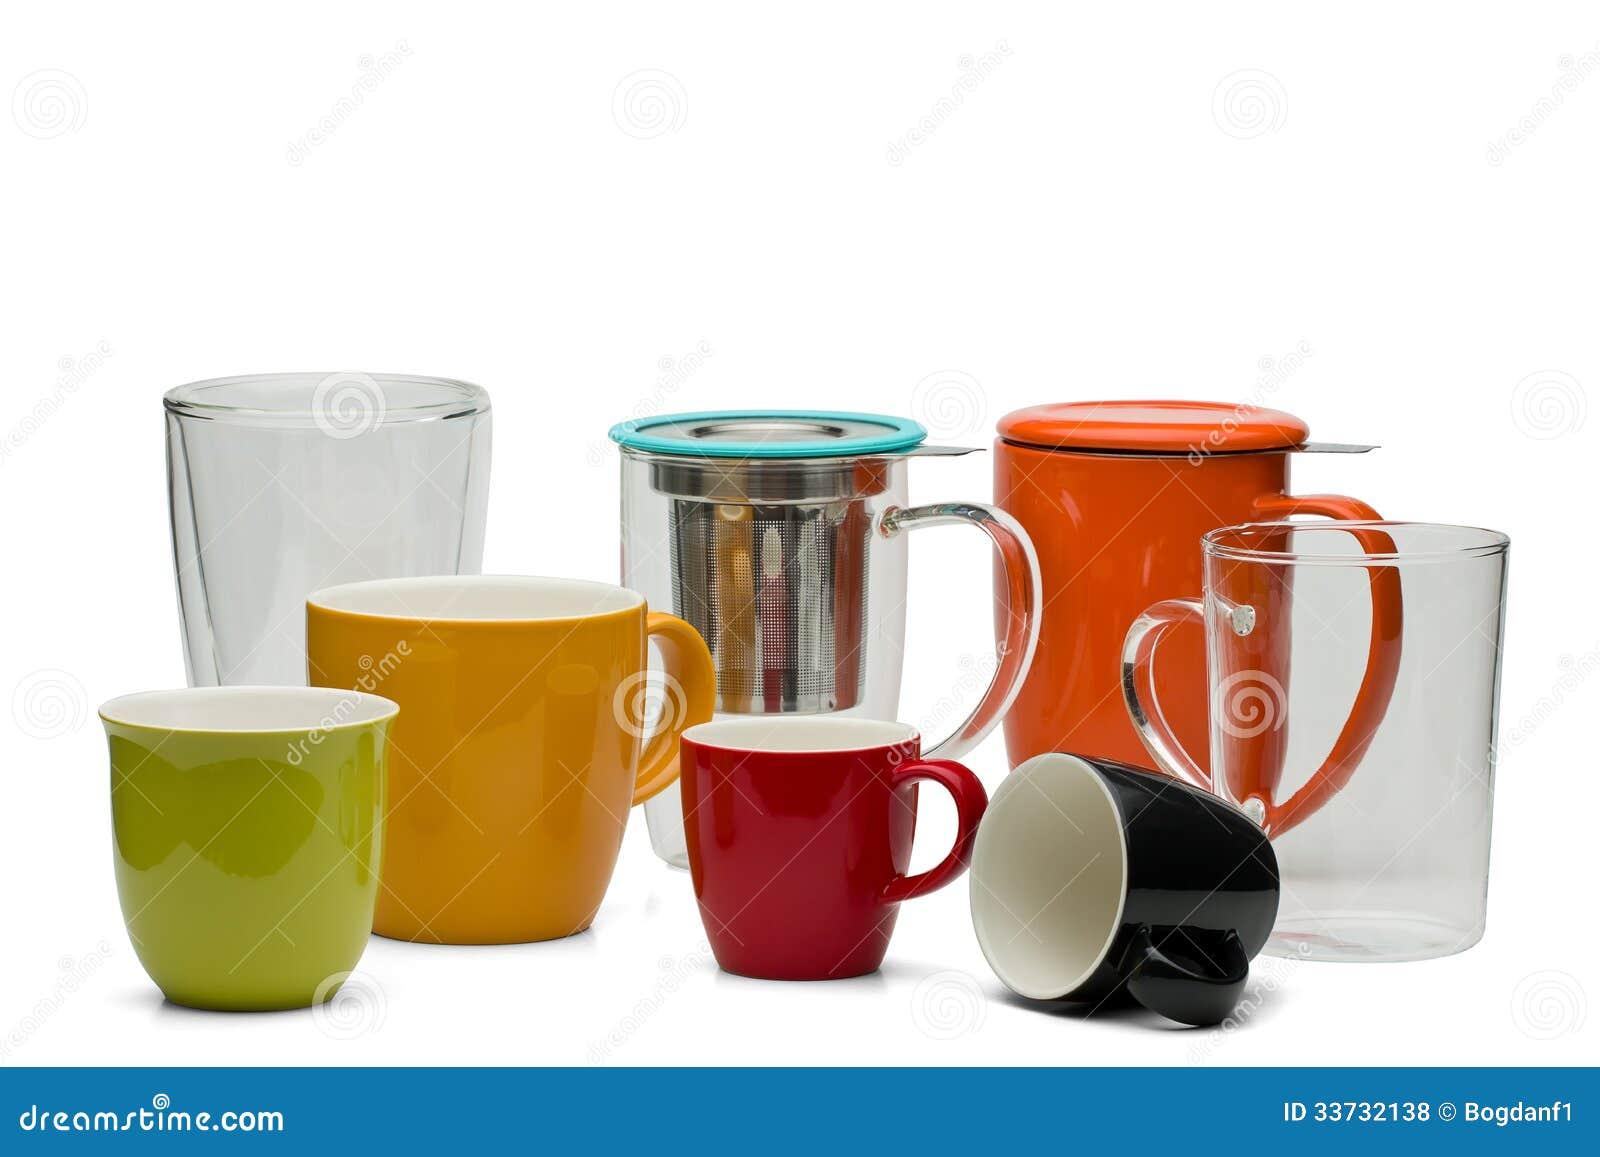 Фото категории с кружками, чашками и стеклами сервировки чая